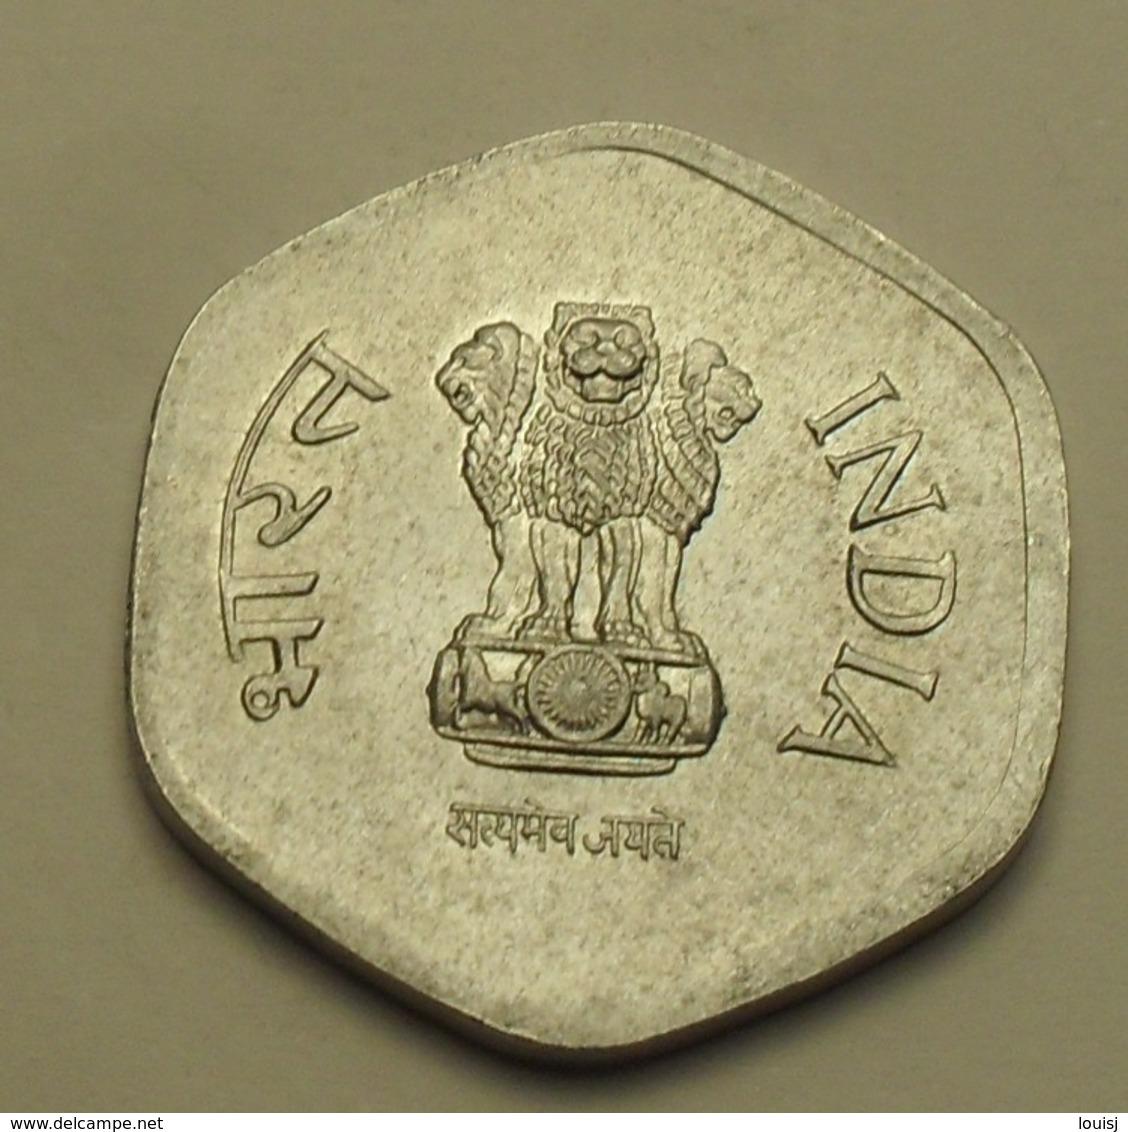 1984 - Inde République - India Republic - 20 PAISE, H, Hyderabad, Star, KM 44 - Inde